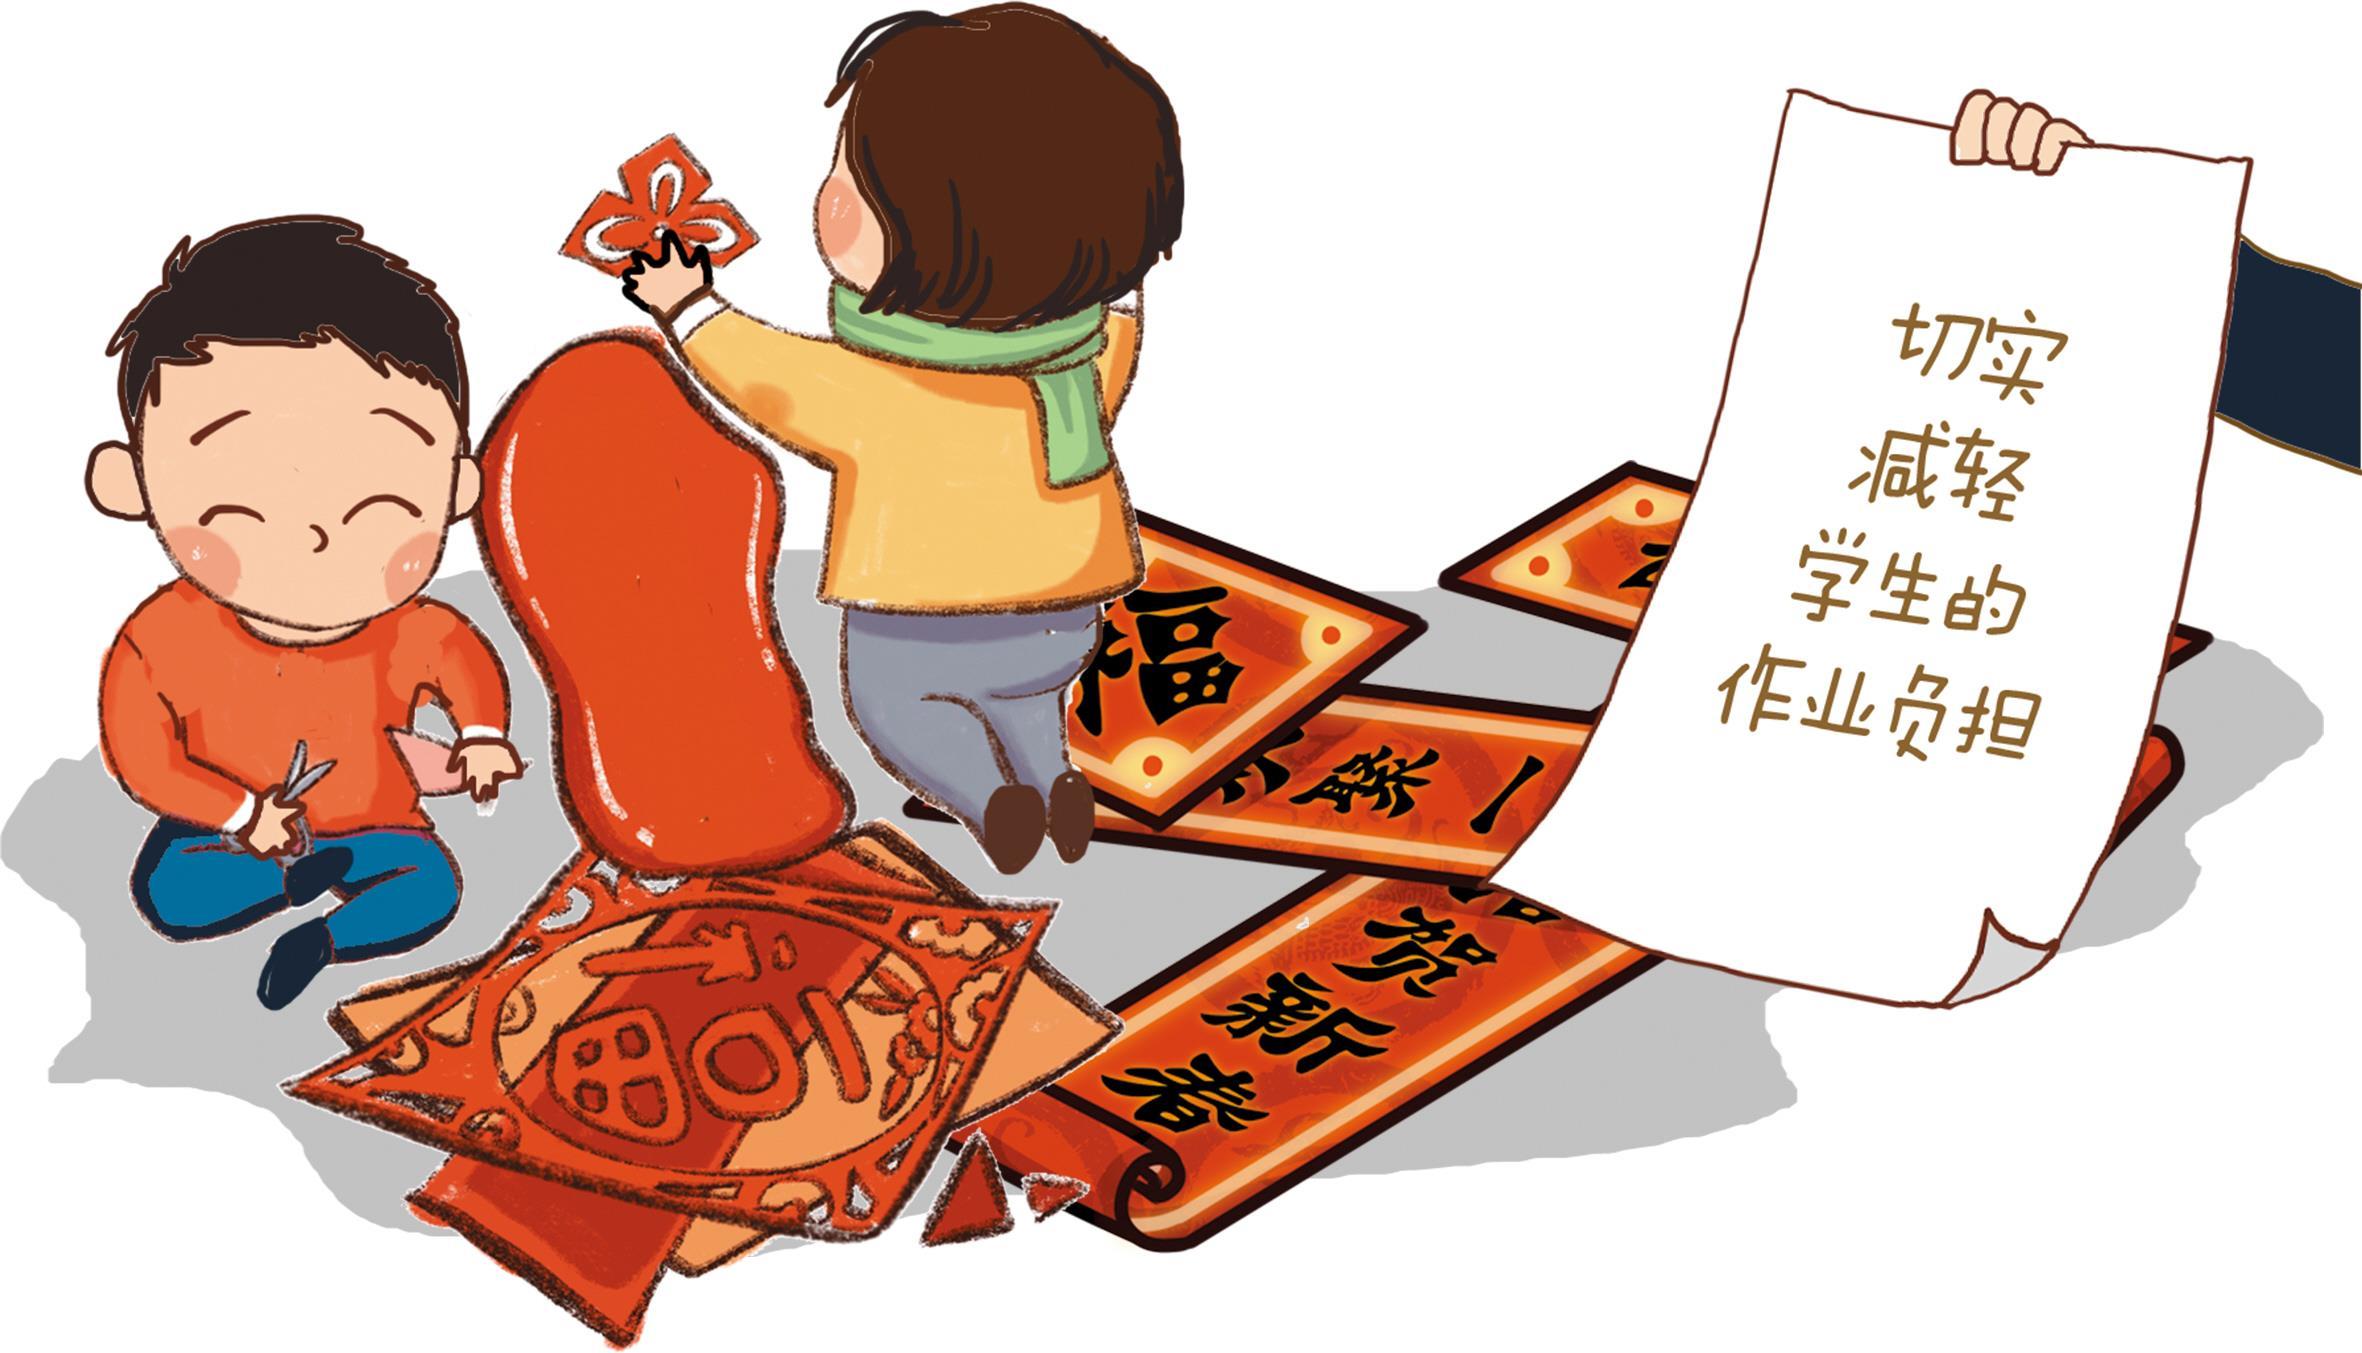 学剪窗花画年画集齐五福换礼包  小学寒假作业主打实践牌